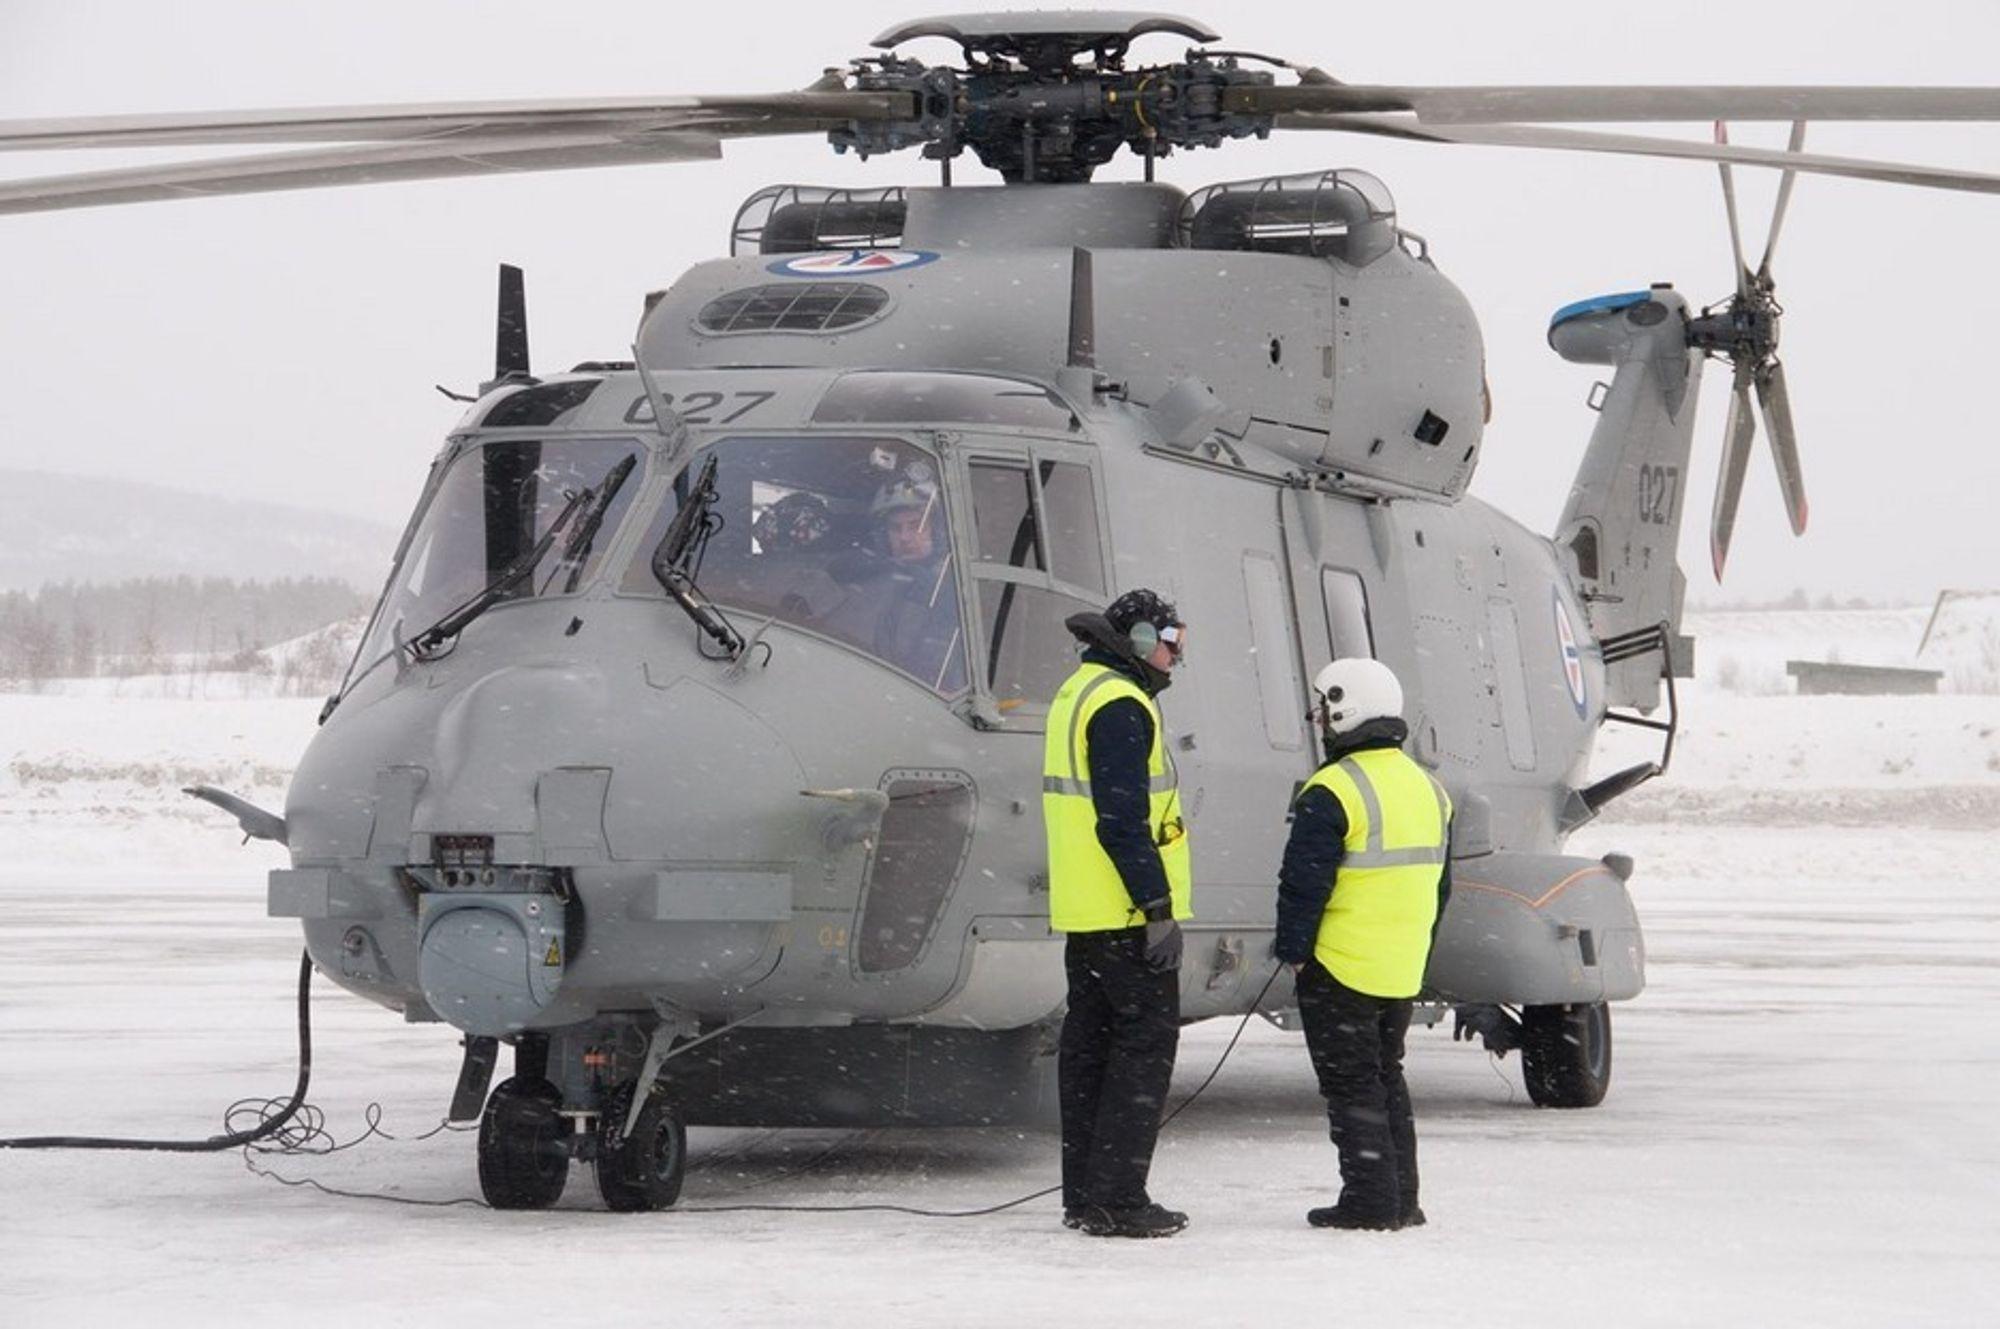 NORDNORSK VINTER: NH90 har hatt en meget høy tilgjengelighet de fire første månedene i Norge. Når maskinen har måttet stå på bakken, har det skyldtes sene deleleveranser fra Italia.